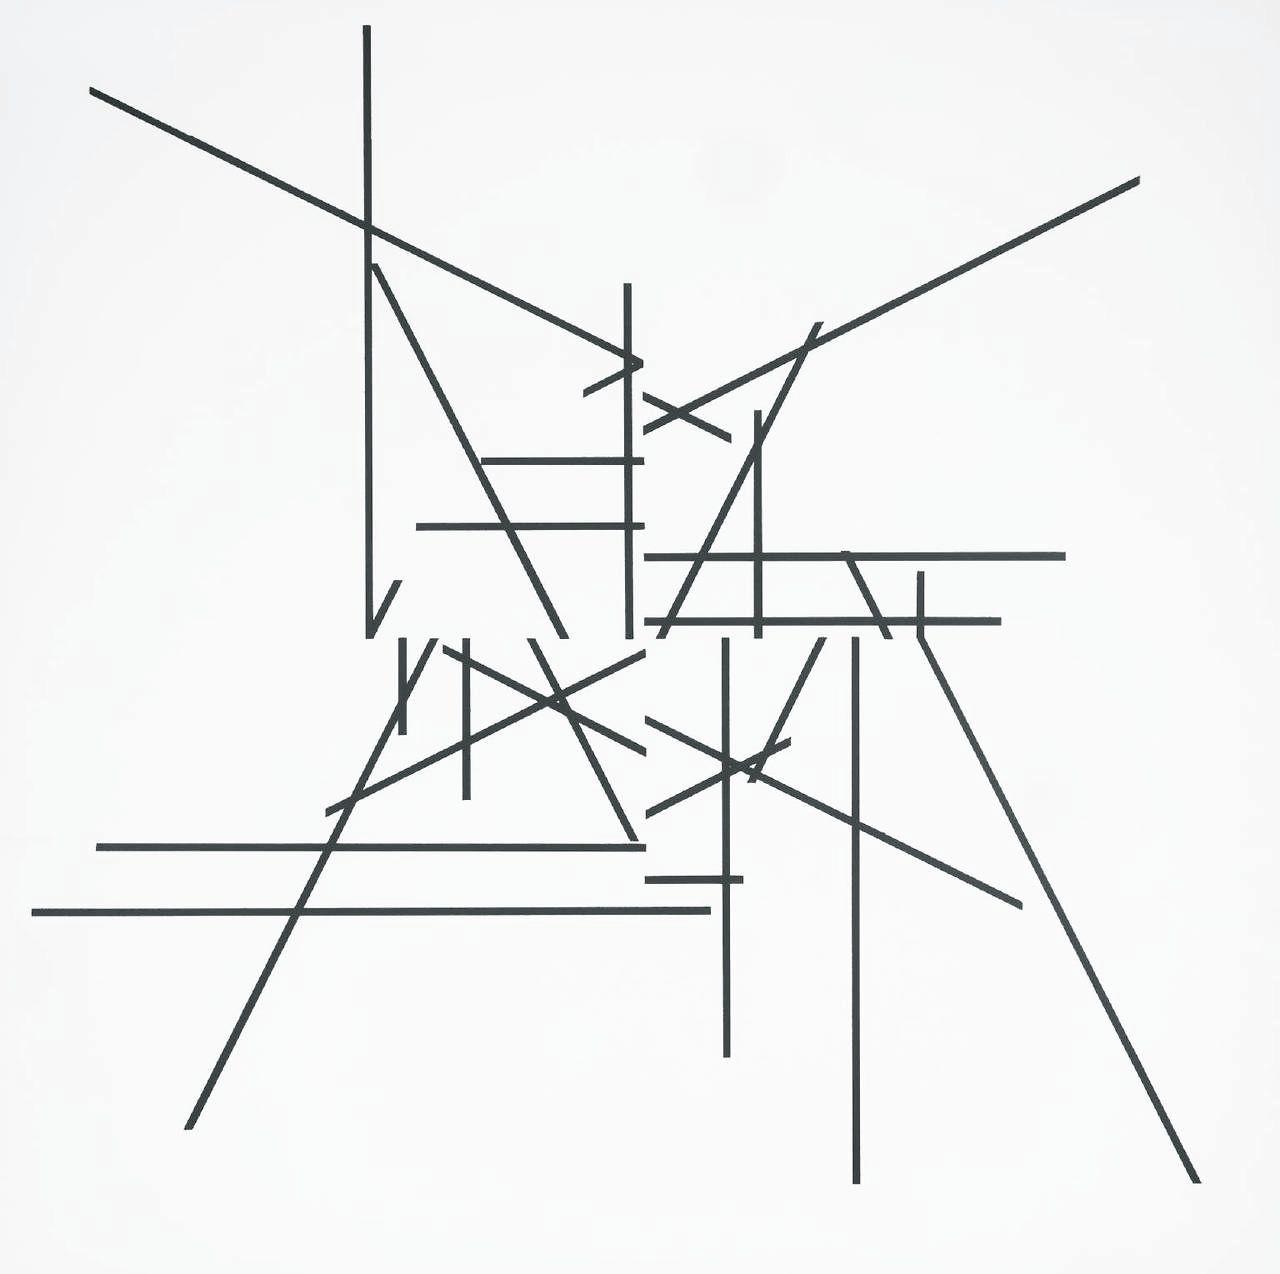 Malcom Hughes | Rational Concepts, 1977